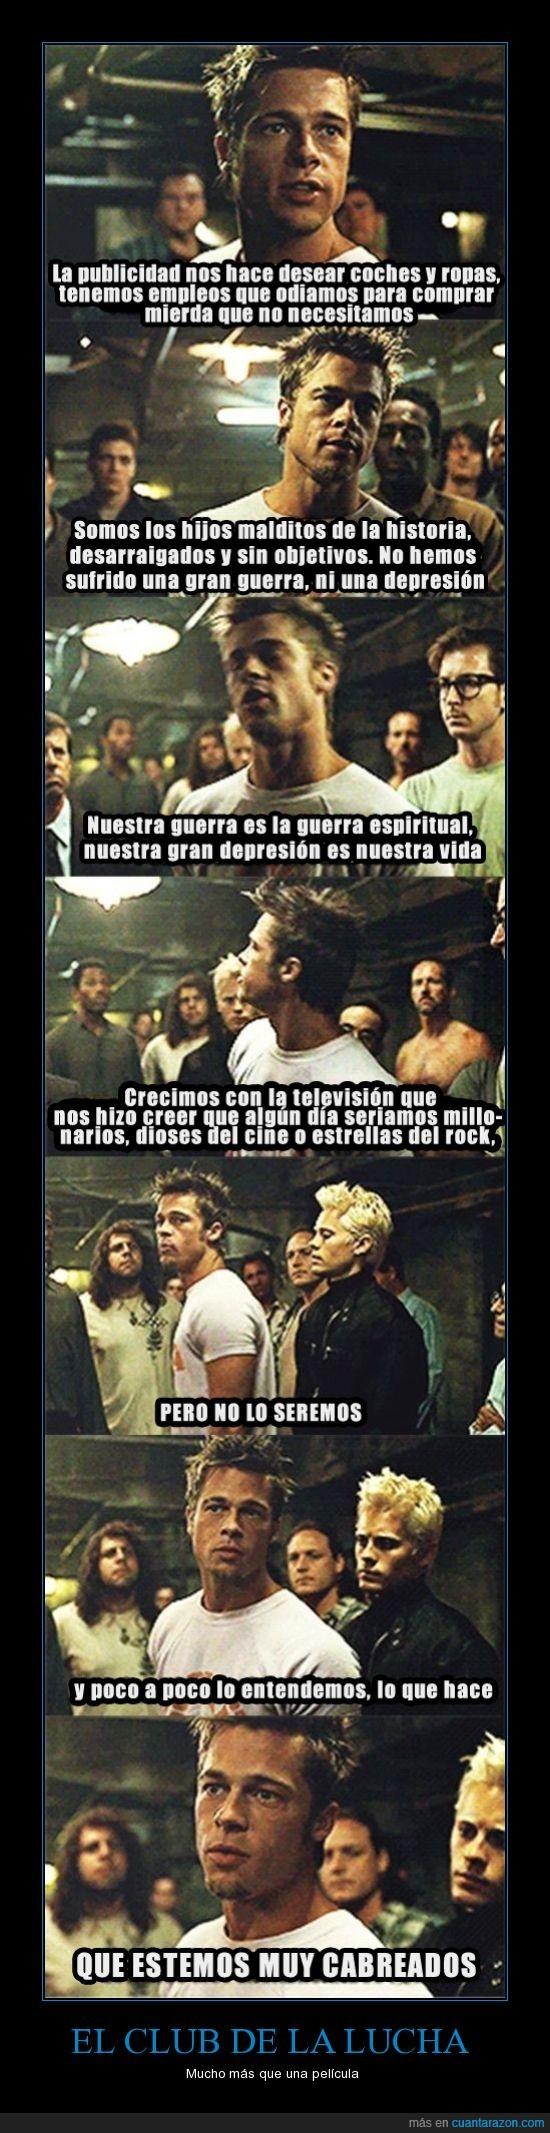 club de la lucha,critica,filosofia,nietzsche,nihilismo